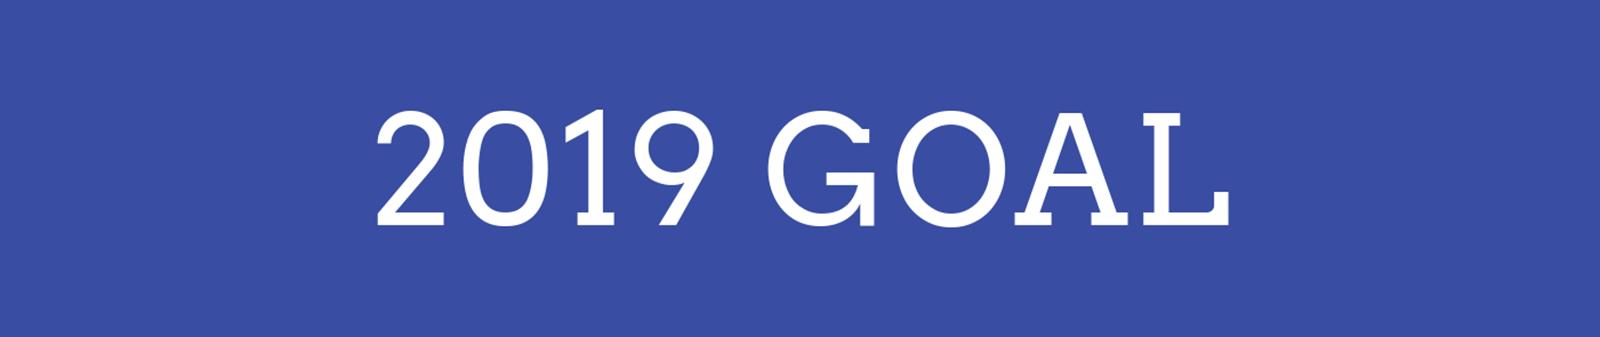 2018-ir-goal